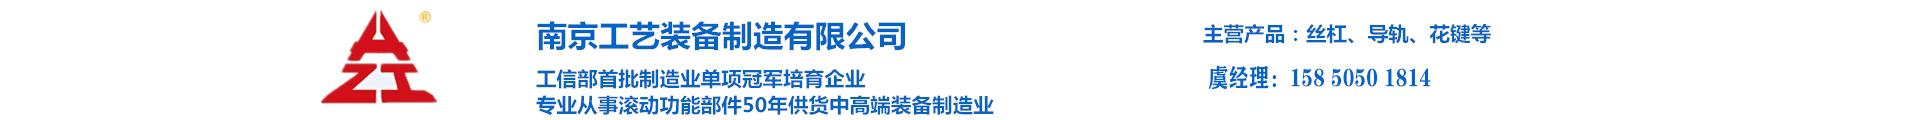 南京工藝裝備製造有限公司